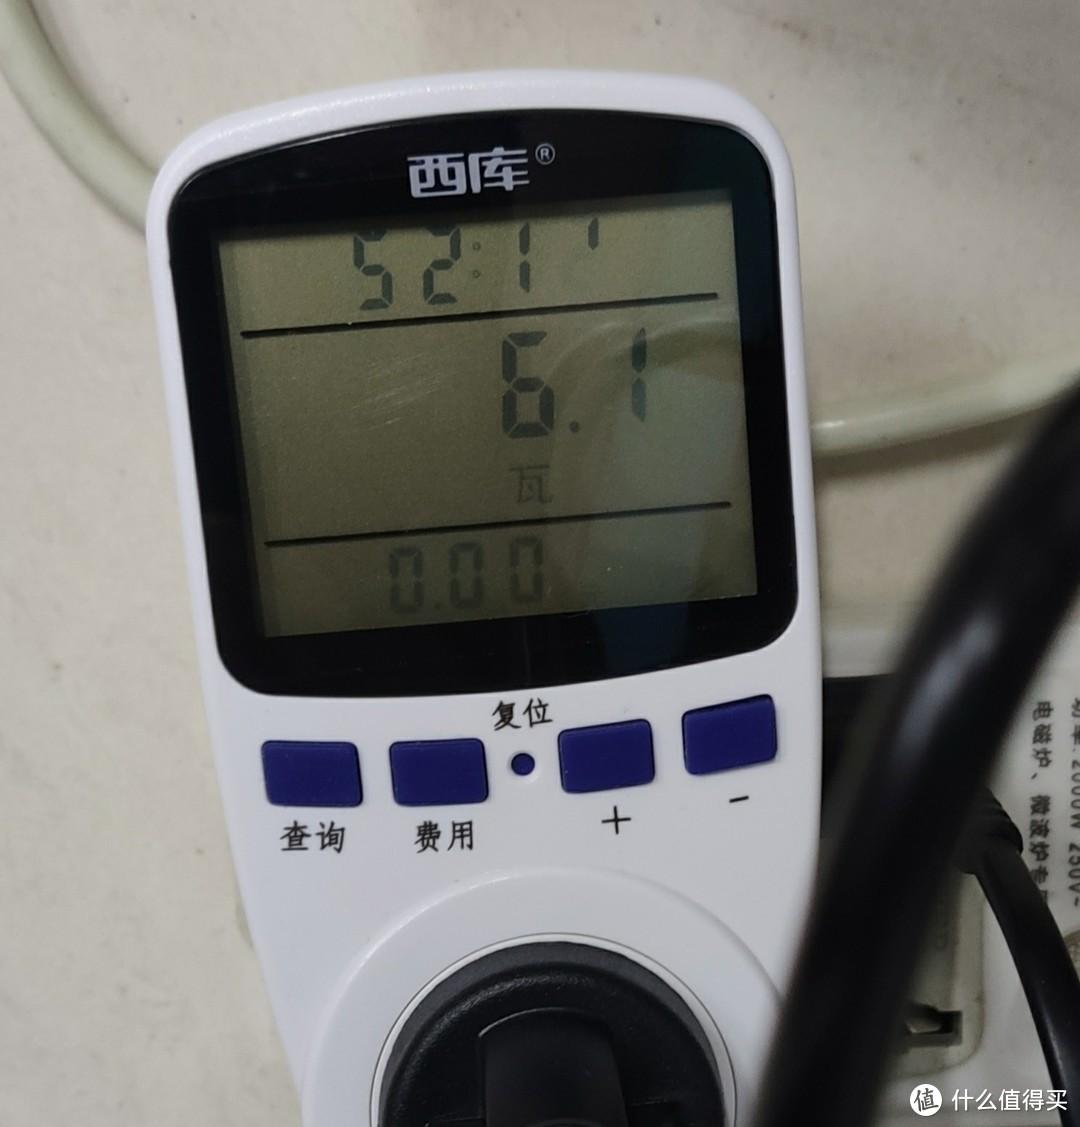 619元购买的全新整机之小白测评,大量拆机图